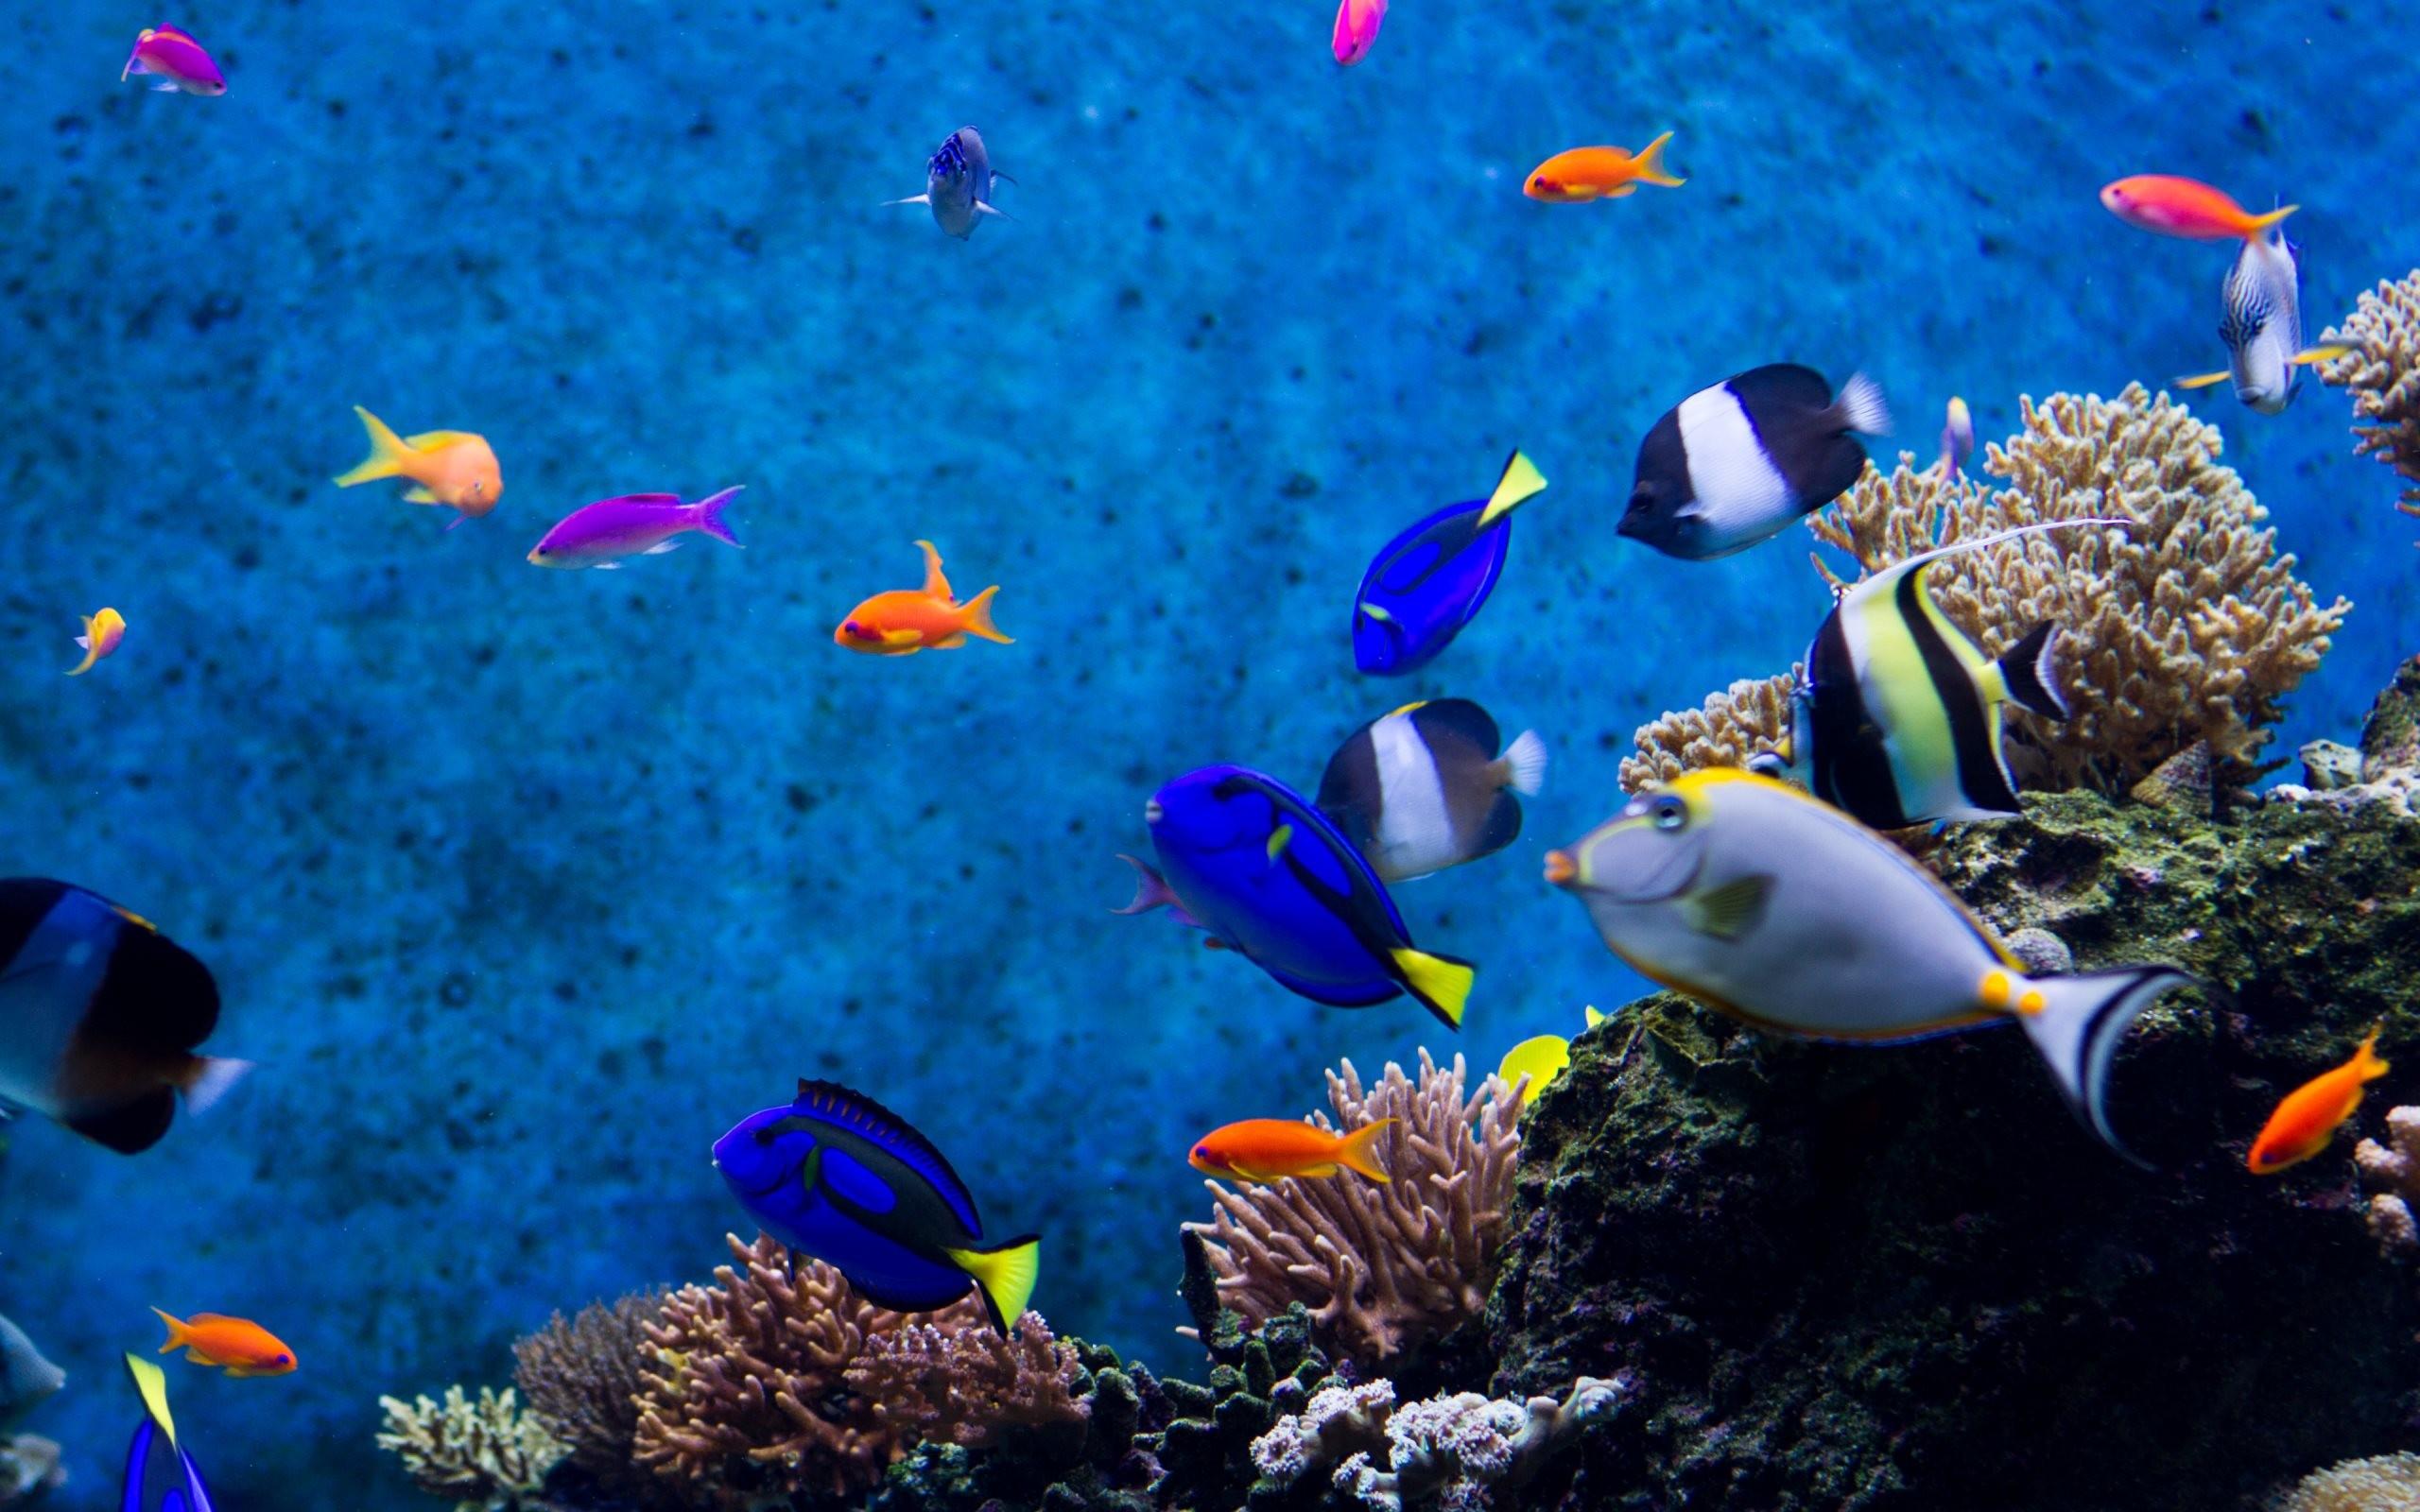 Aquarium fishes hd wallpapers · 4k